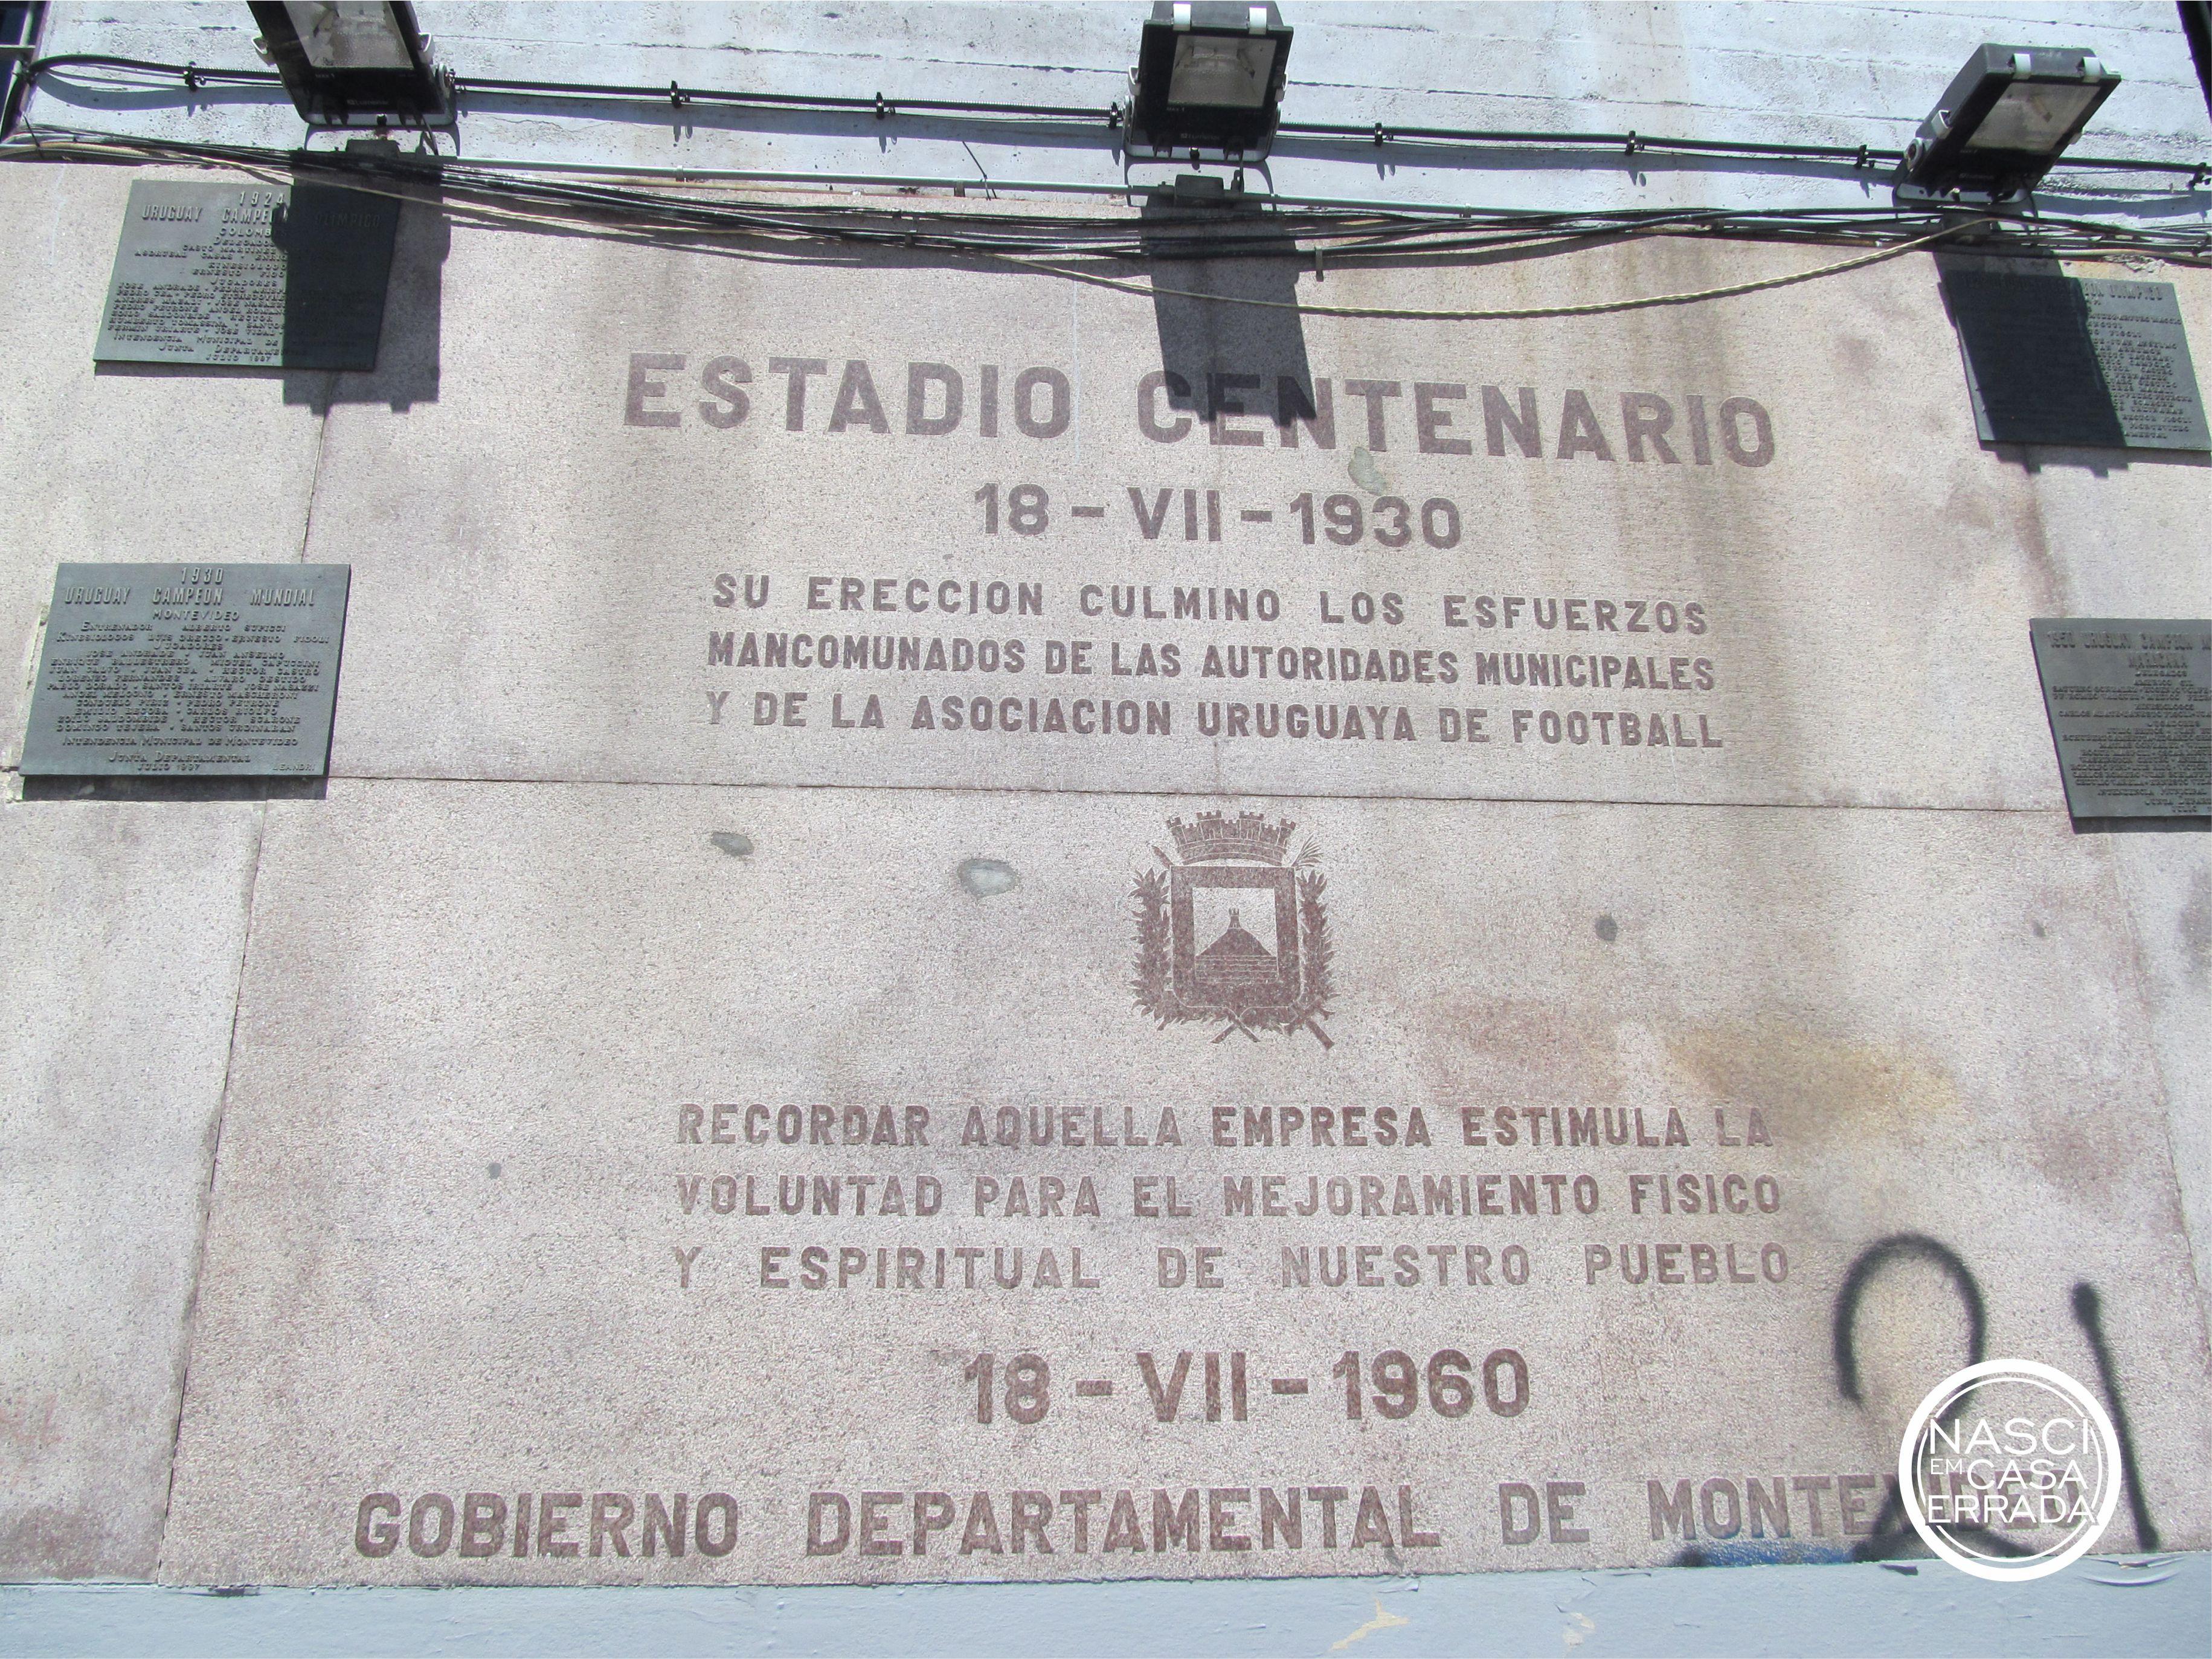 ESTADIO CENTENARIO 03